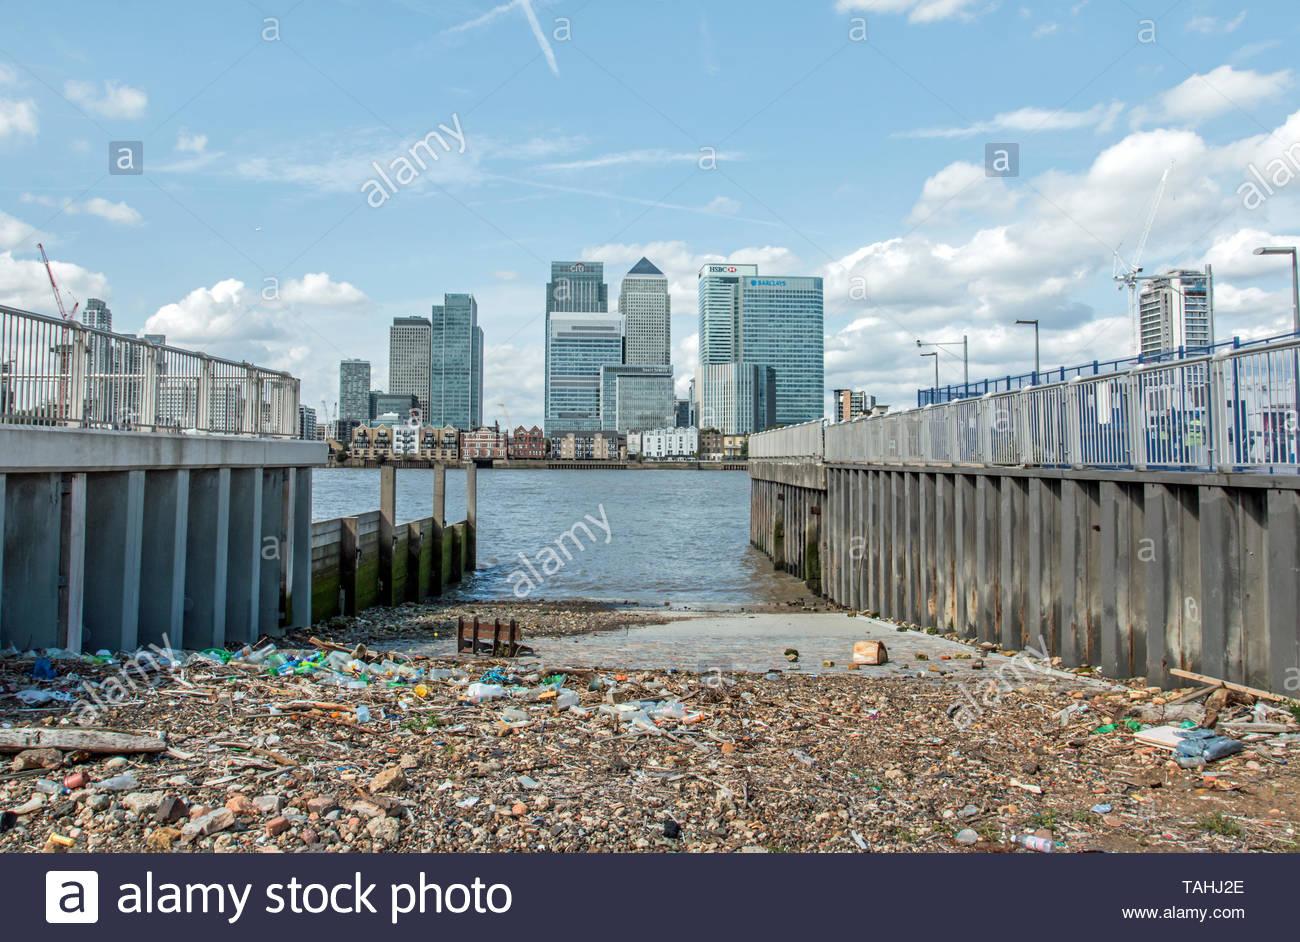 Rifiuti di plastica lavati fino sul Fiume Tamigi, Londra causando problemi ambientali. Foto Stock